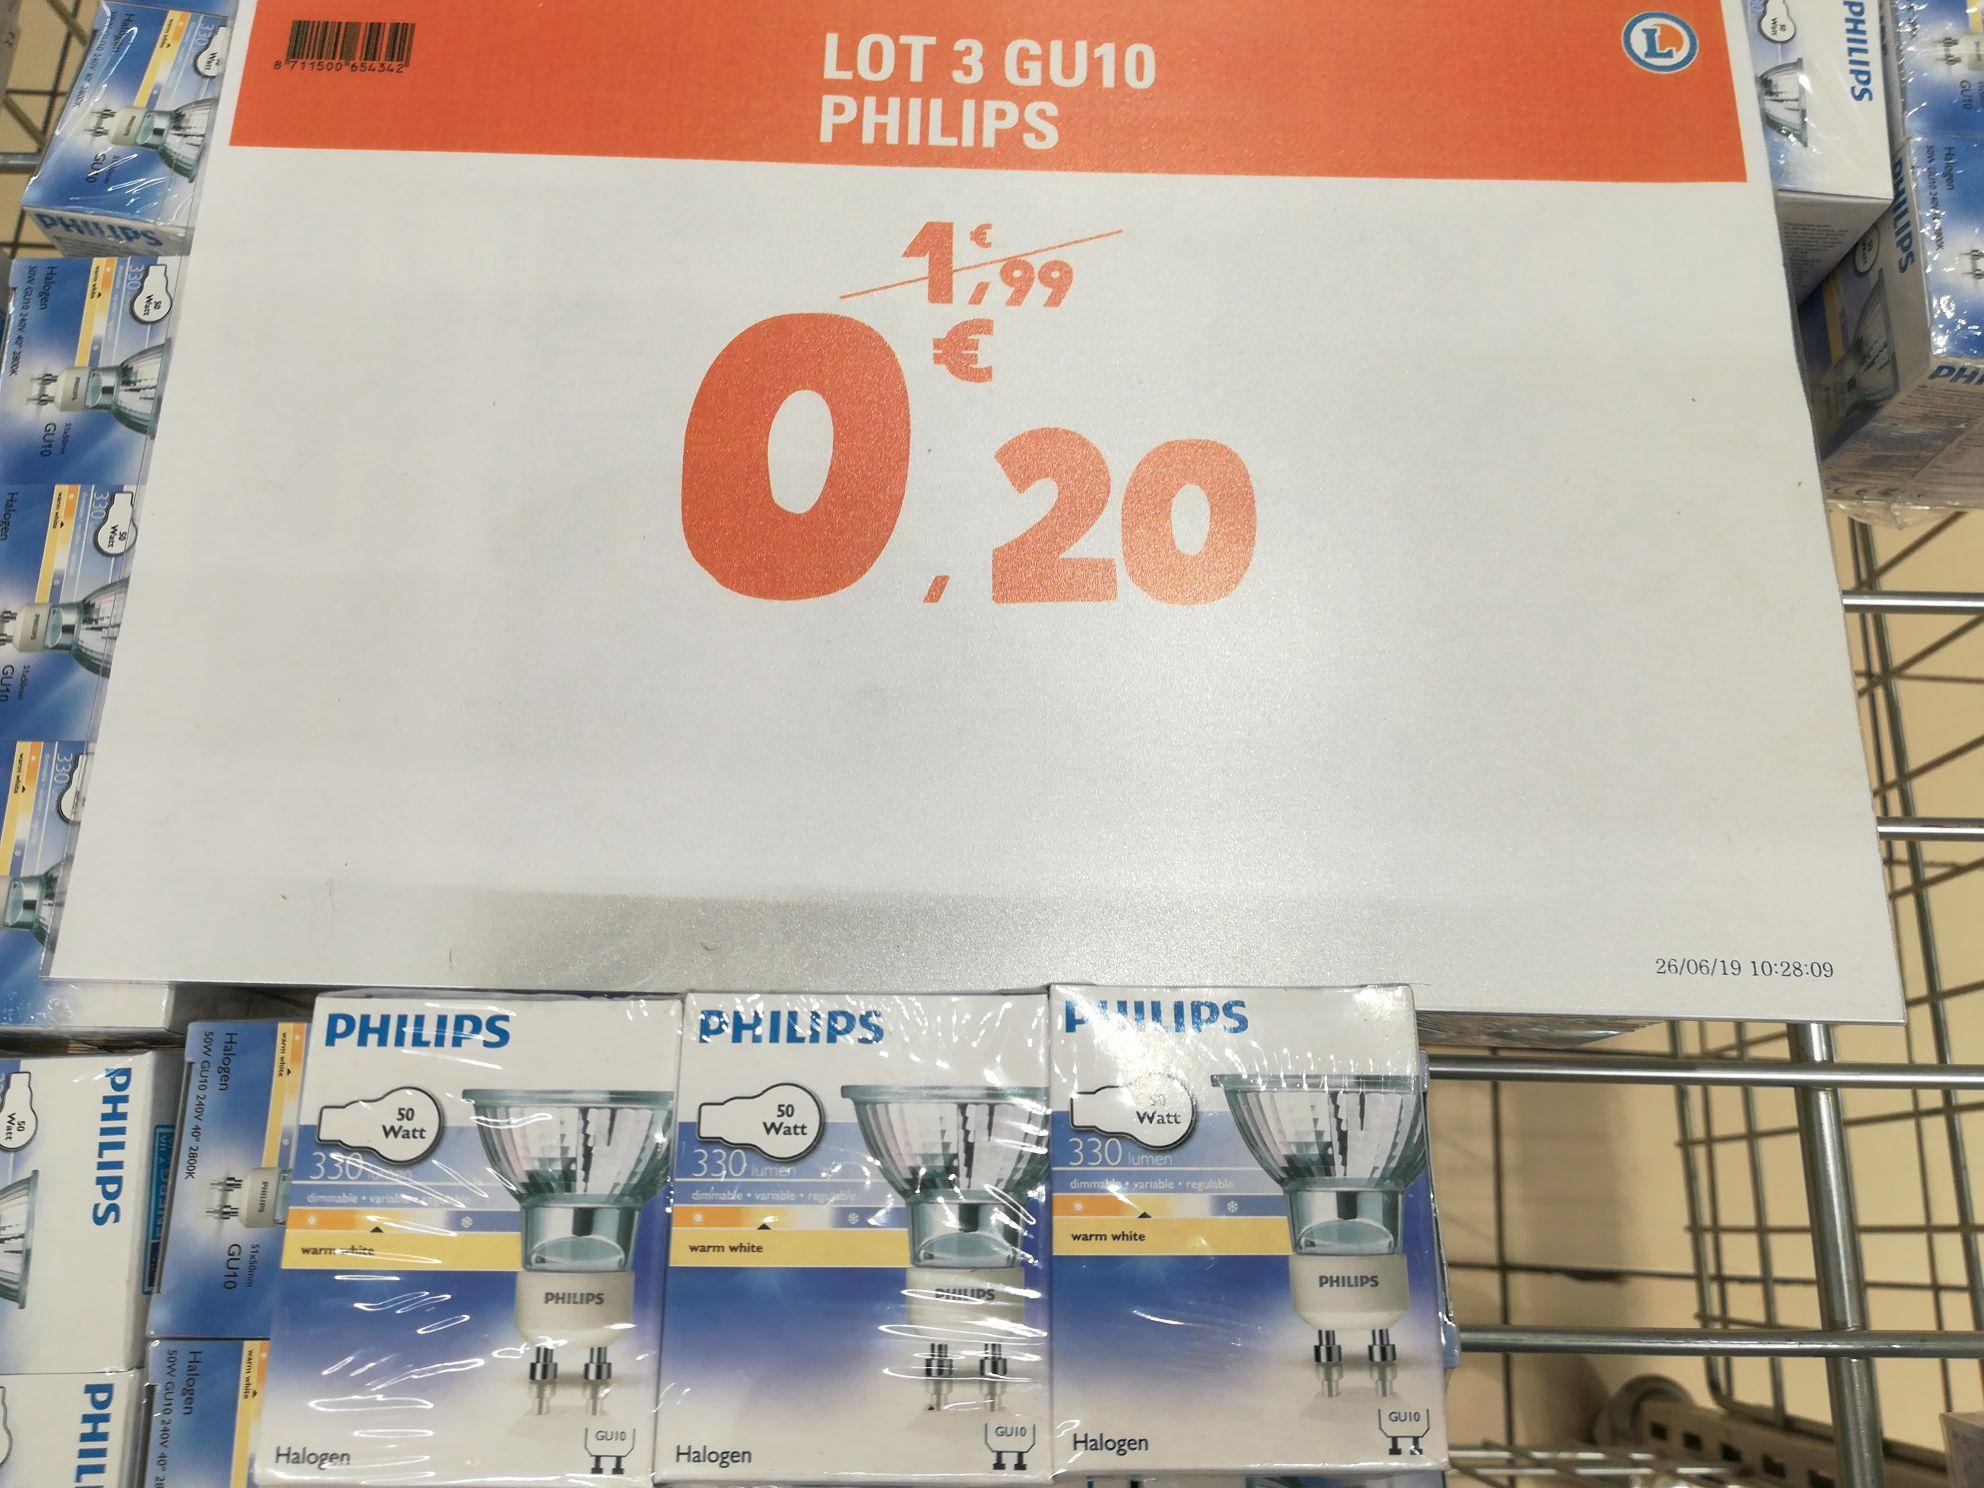 Lot de 3 Ampoules Halogènes GU10 Philips 50w - Blagnac (31)